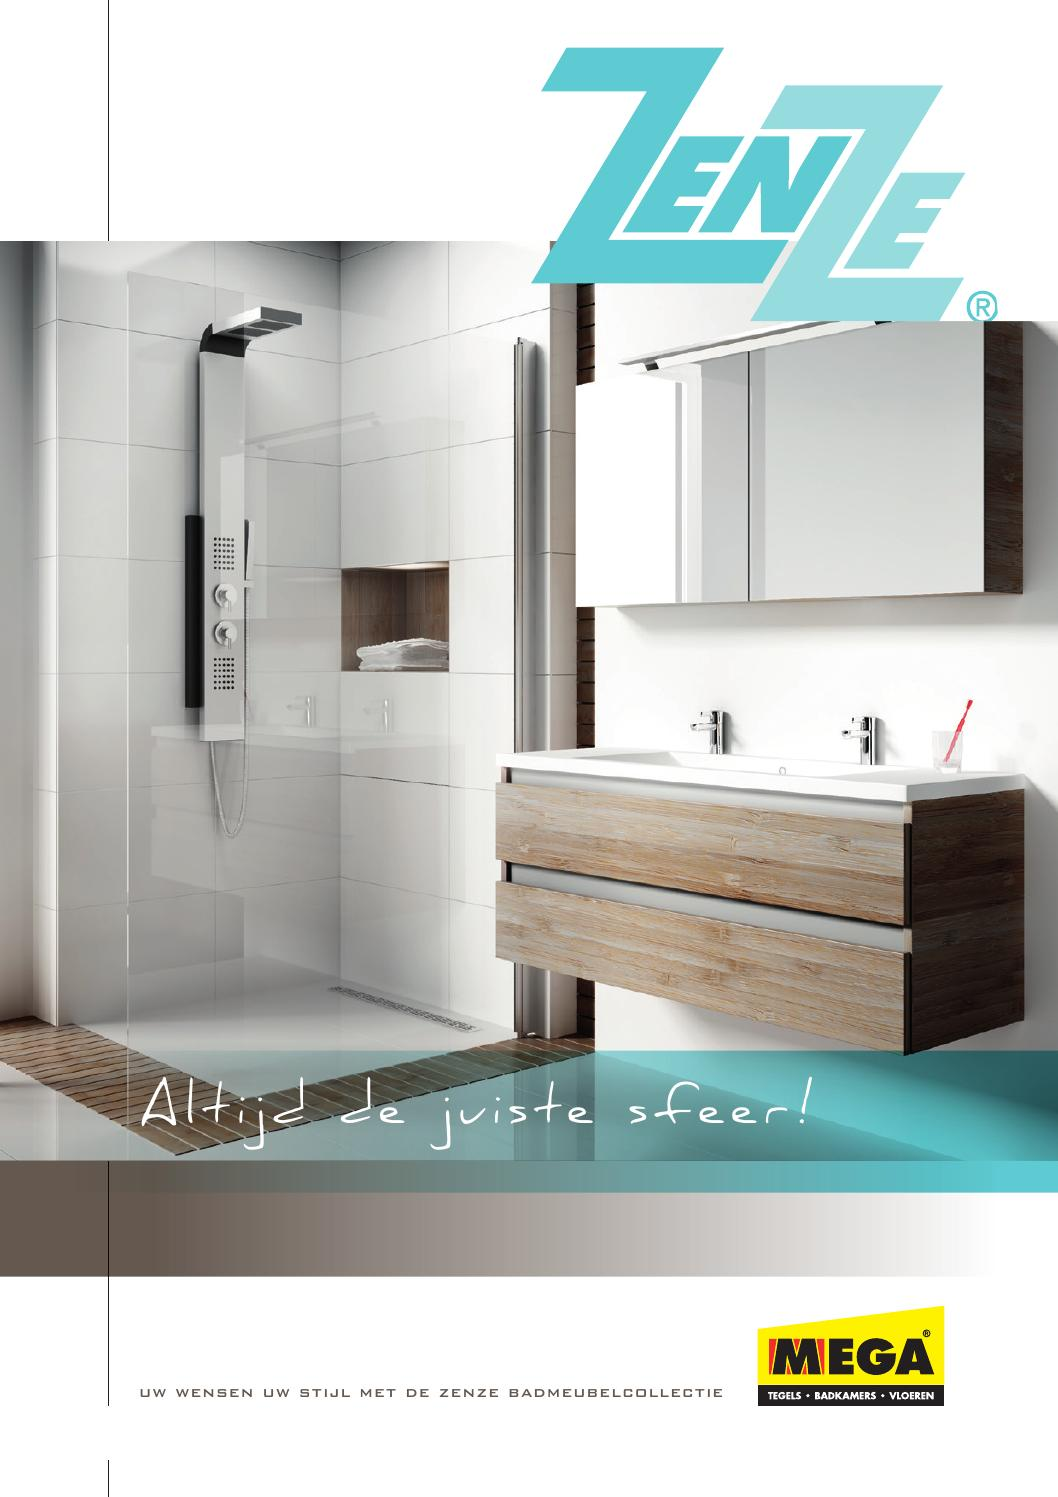 Zenze Brochure - Megategel Private Label by Mega - issuu